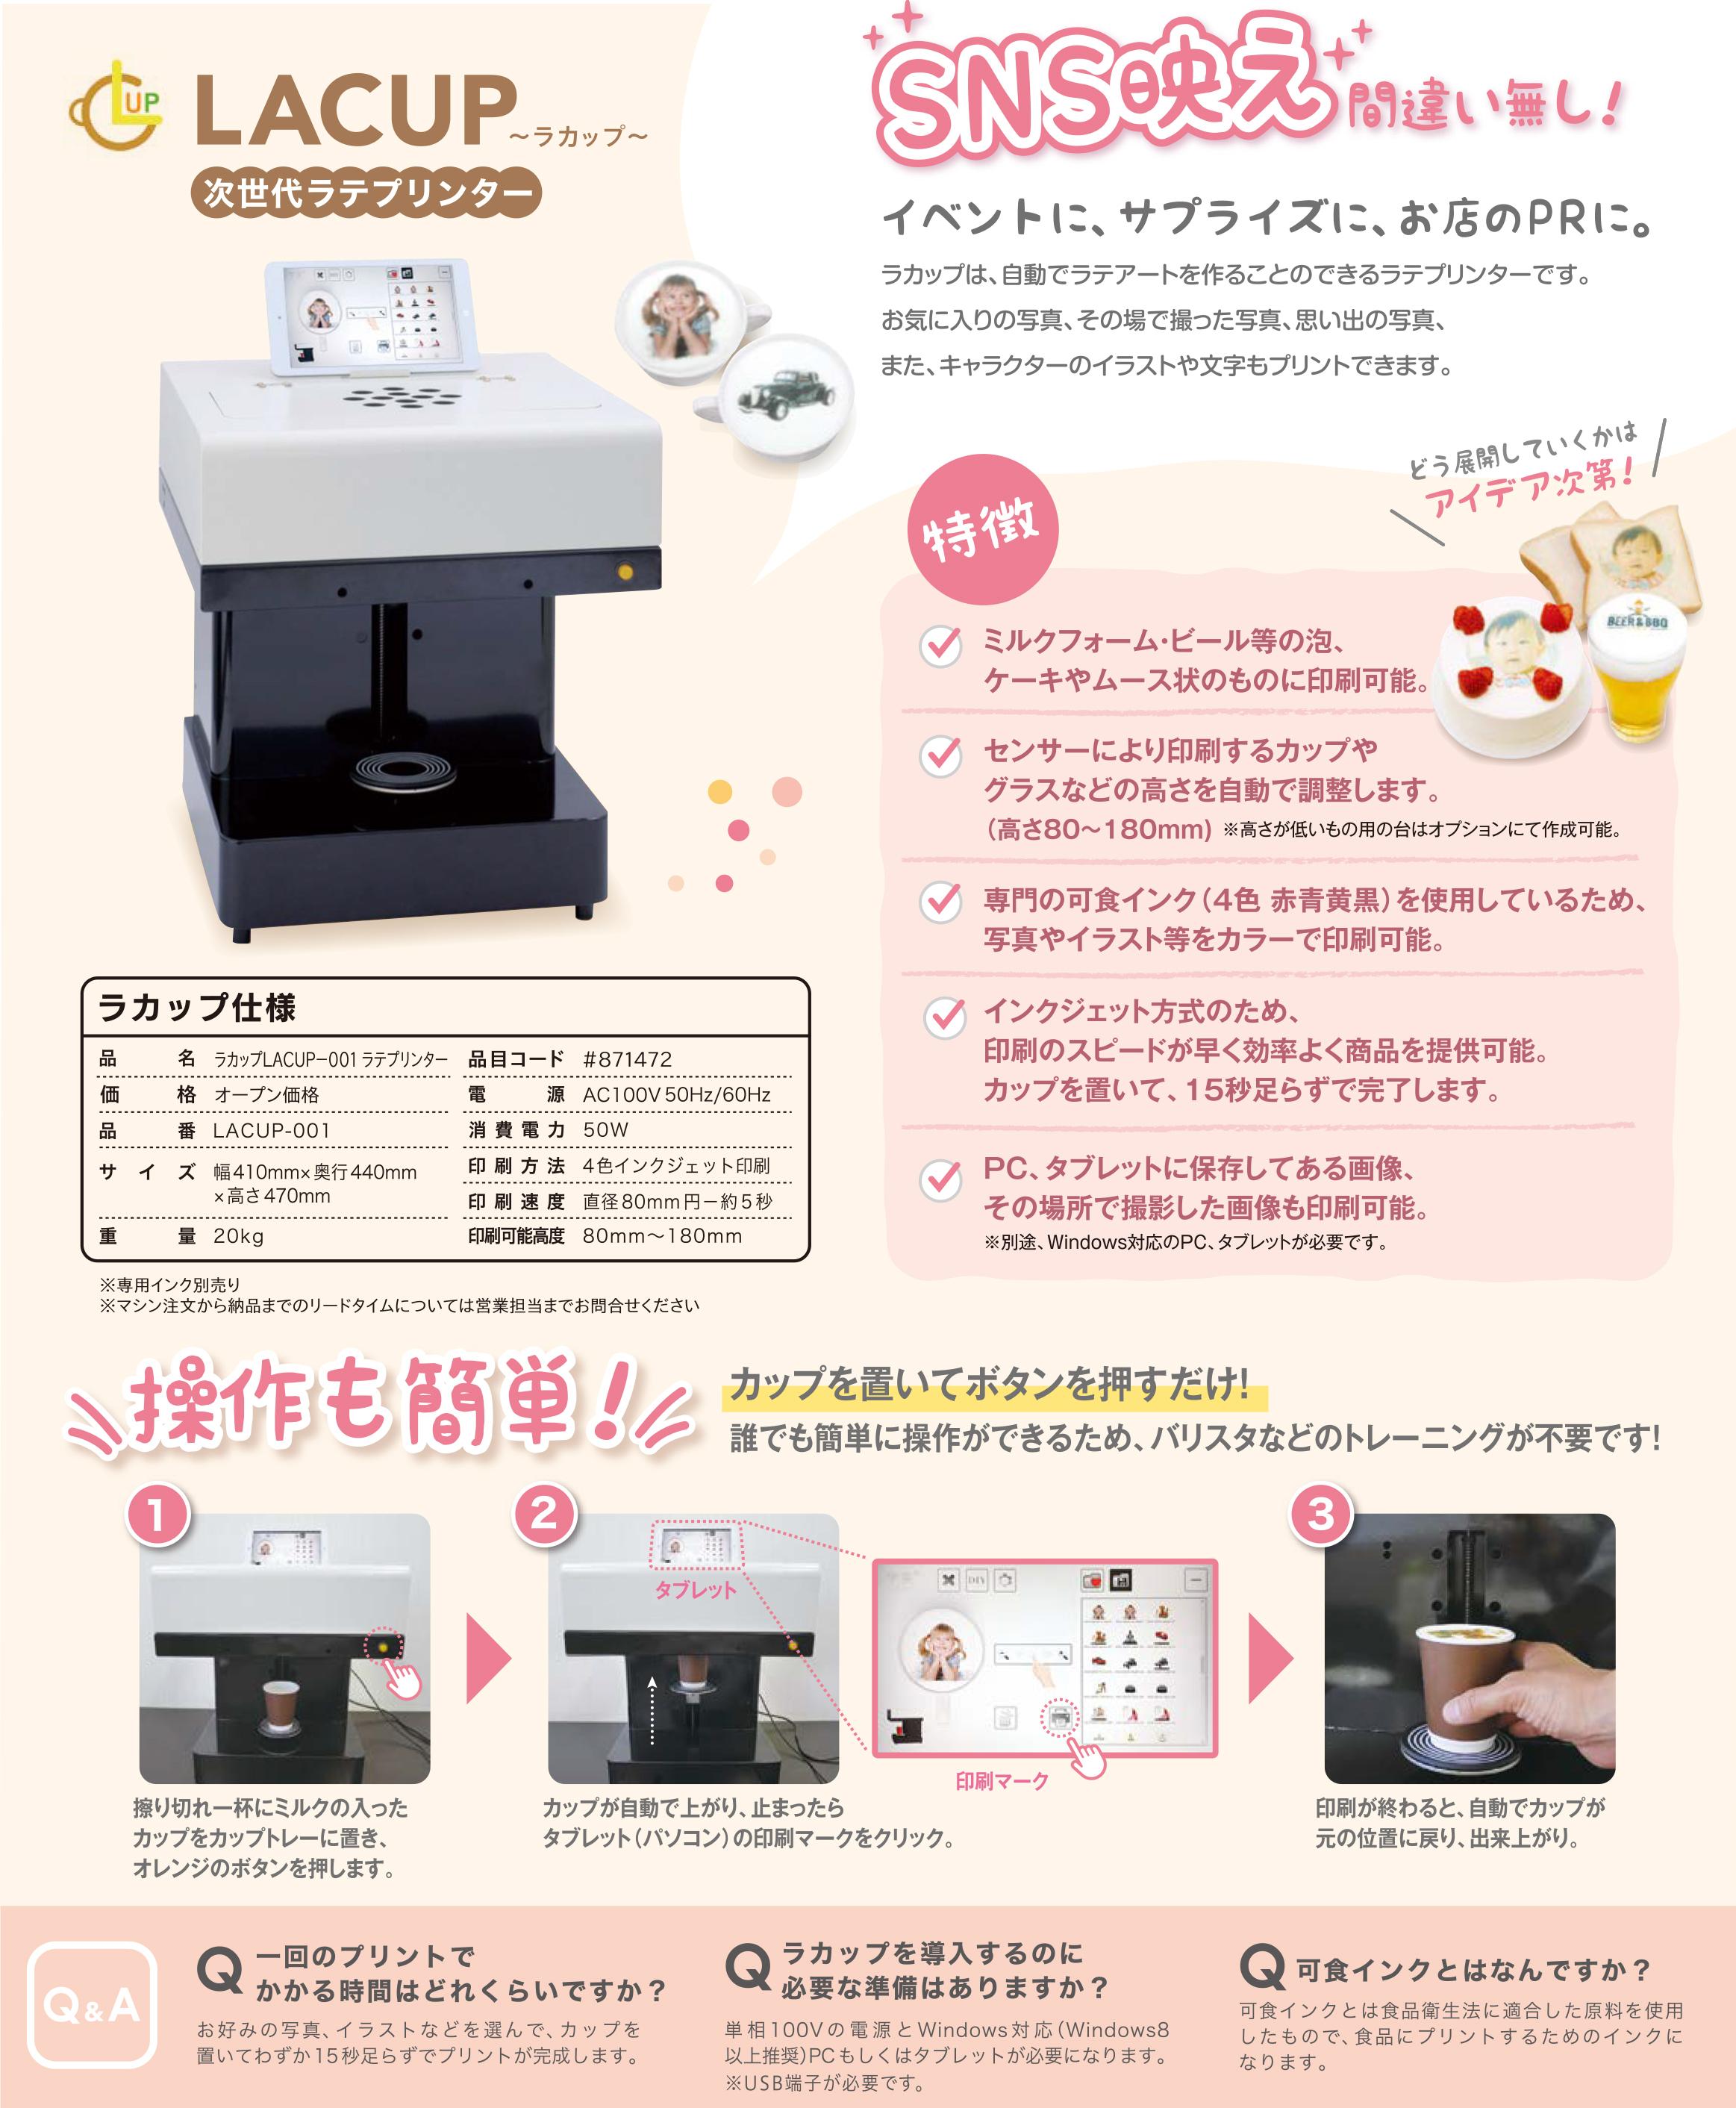 次世代ラテプリンター「LACUP(ラカップ)」新発売!! | 業務用コーヒー用品・機器のラッキーコーヒーマシン